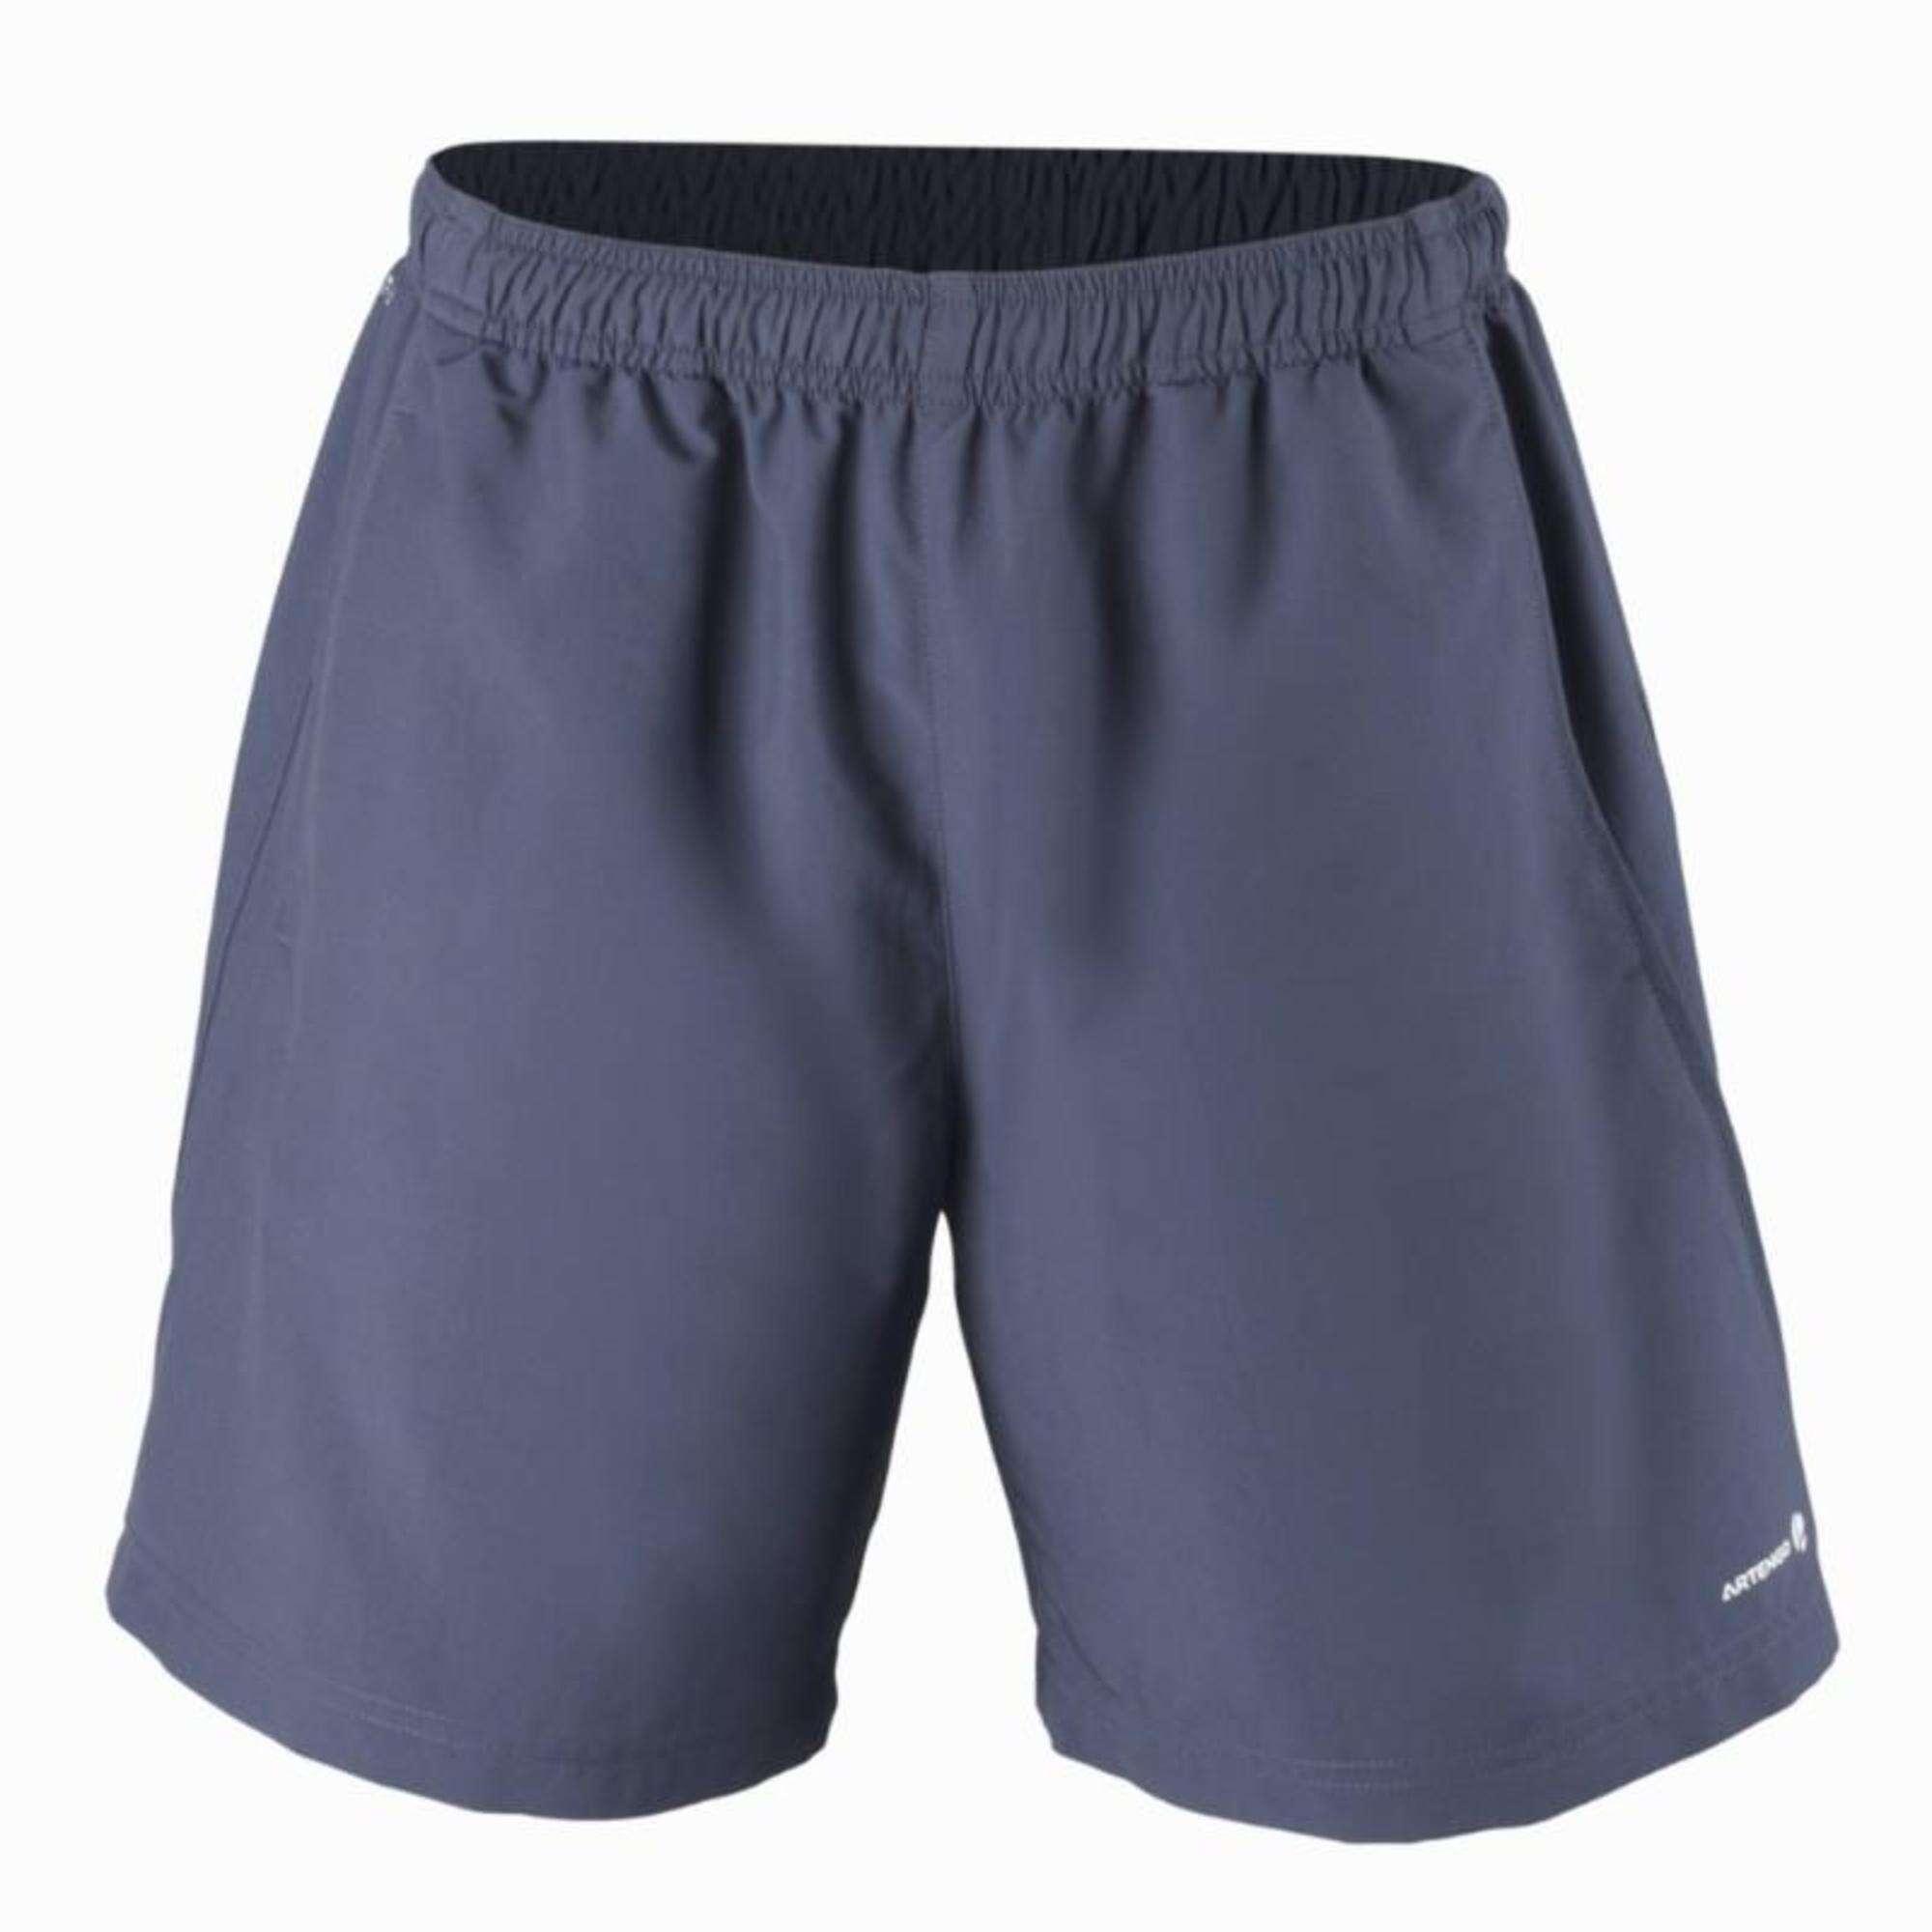 MEN WARM CONDITION RACKET SP APAREL - M 700 Tennis Shorts ARTENGO